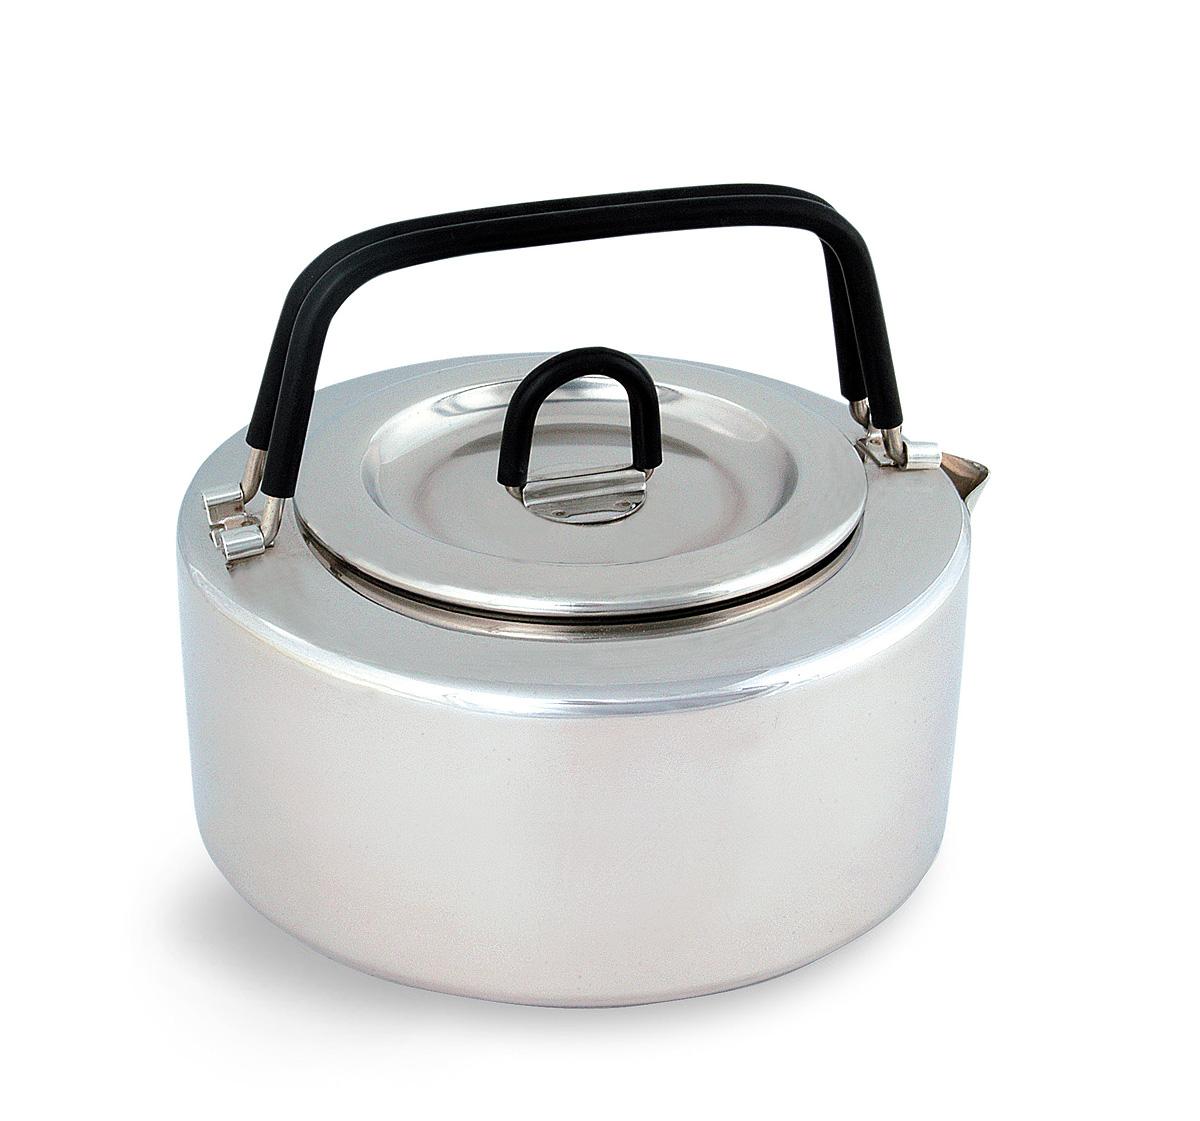 Чайник походный Tatonka Teapot, 1 л4017.000Чайник Tatonka Teapot из нержавеющей стали с термоизолированными ручками и компактным дизайном. Замечательно подходит для использования дома и на выезде. В комплекте ситечко из нержавеющей стали. Преимущества и особенности: Высококачественная нержавеющая сталь. Складные термоизолированные ручки. Крышка со складной термоизолированной ручкой. Компактный дизайн. Ситечко из нержавеющей стали. Диаметр чайника: 14,5 см. Высота чайника: 7 см.